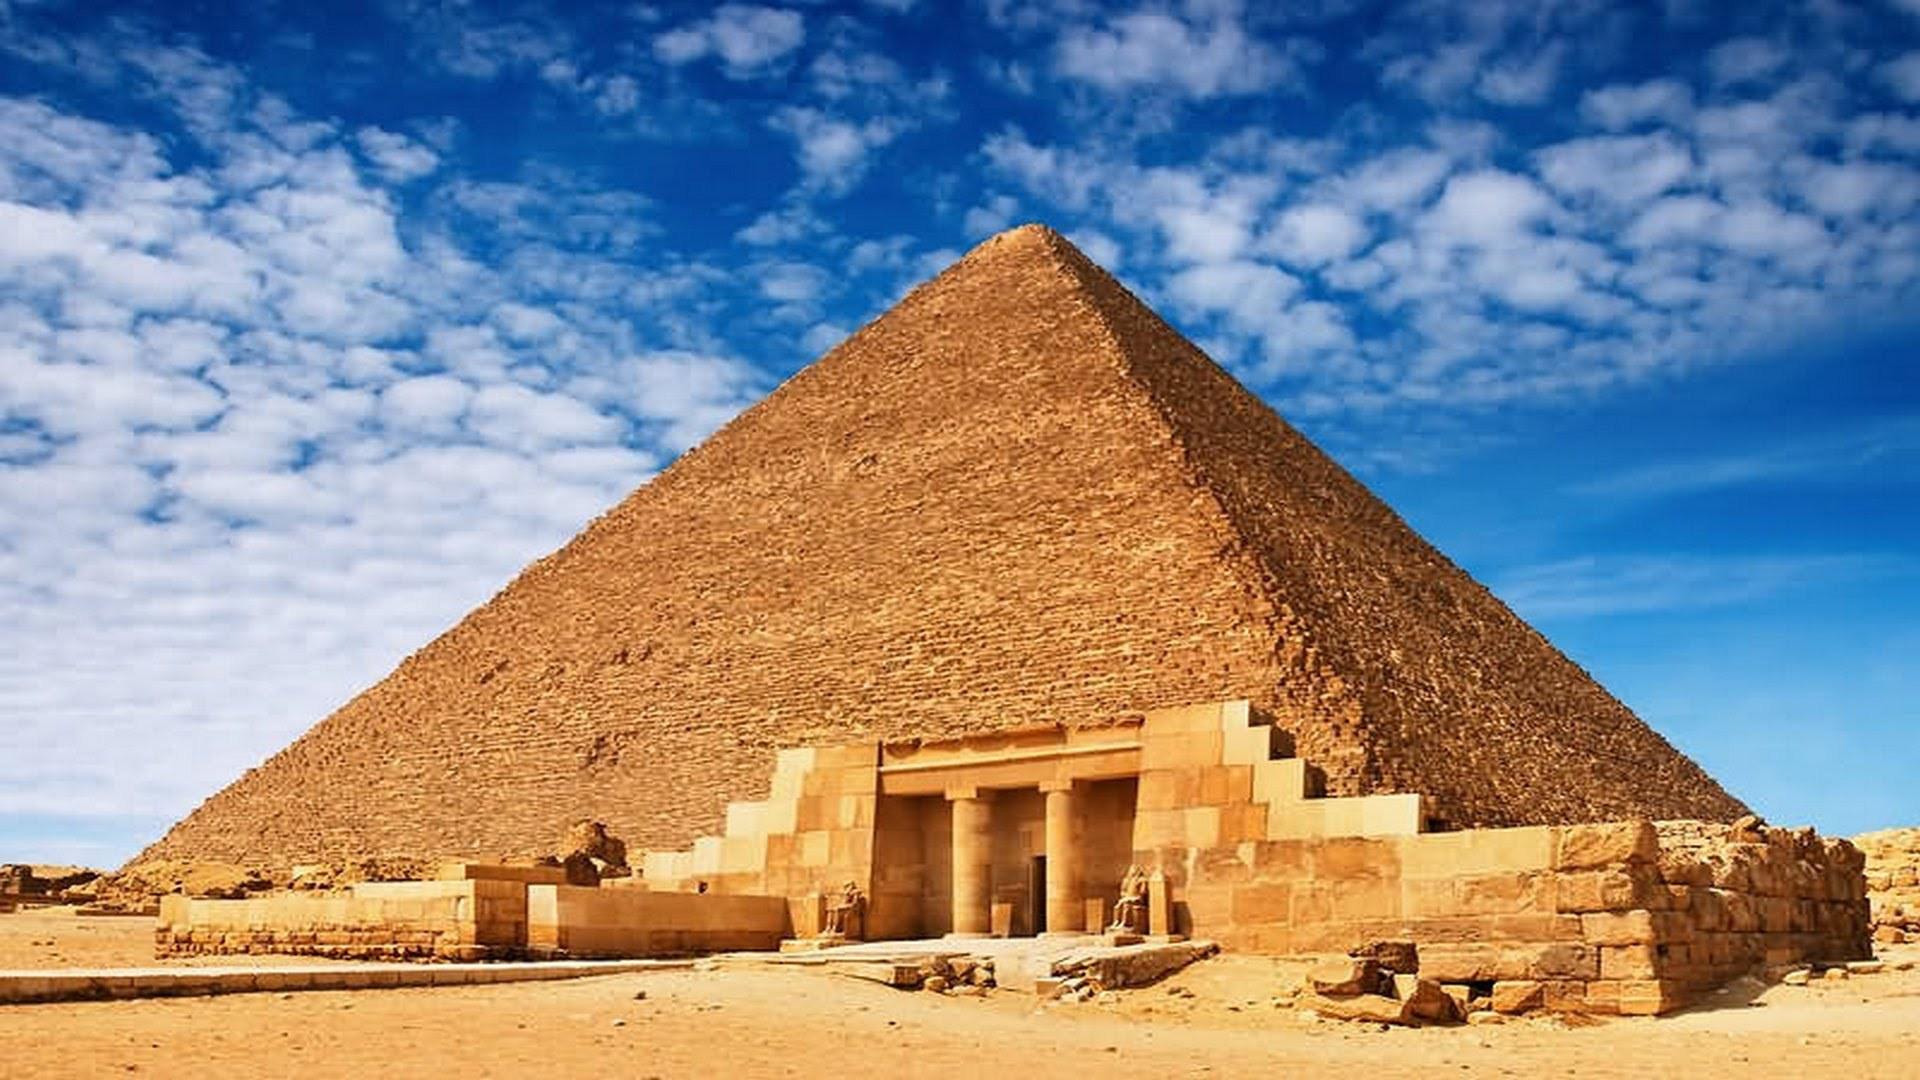 Ученые: пирамида Хеопса собирает и накапливает радиосигналы